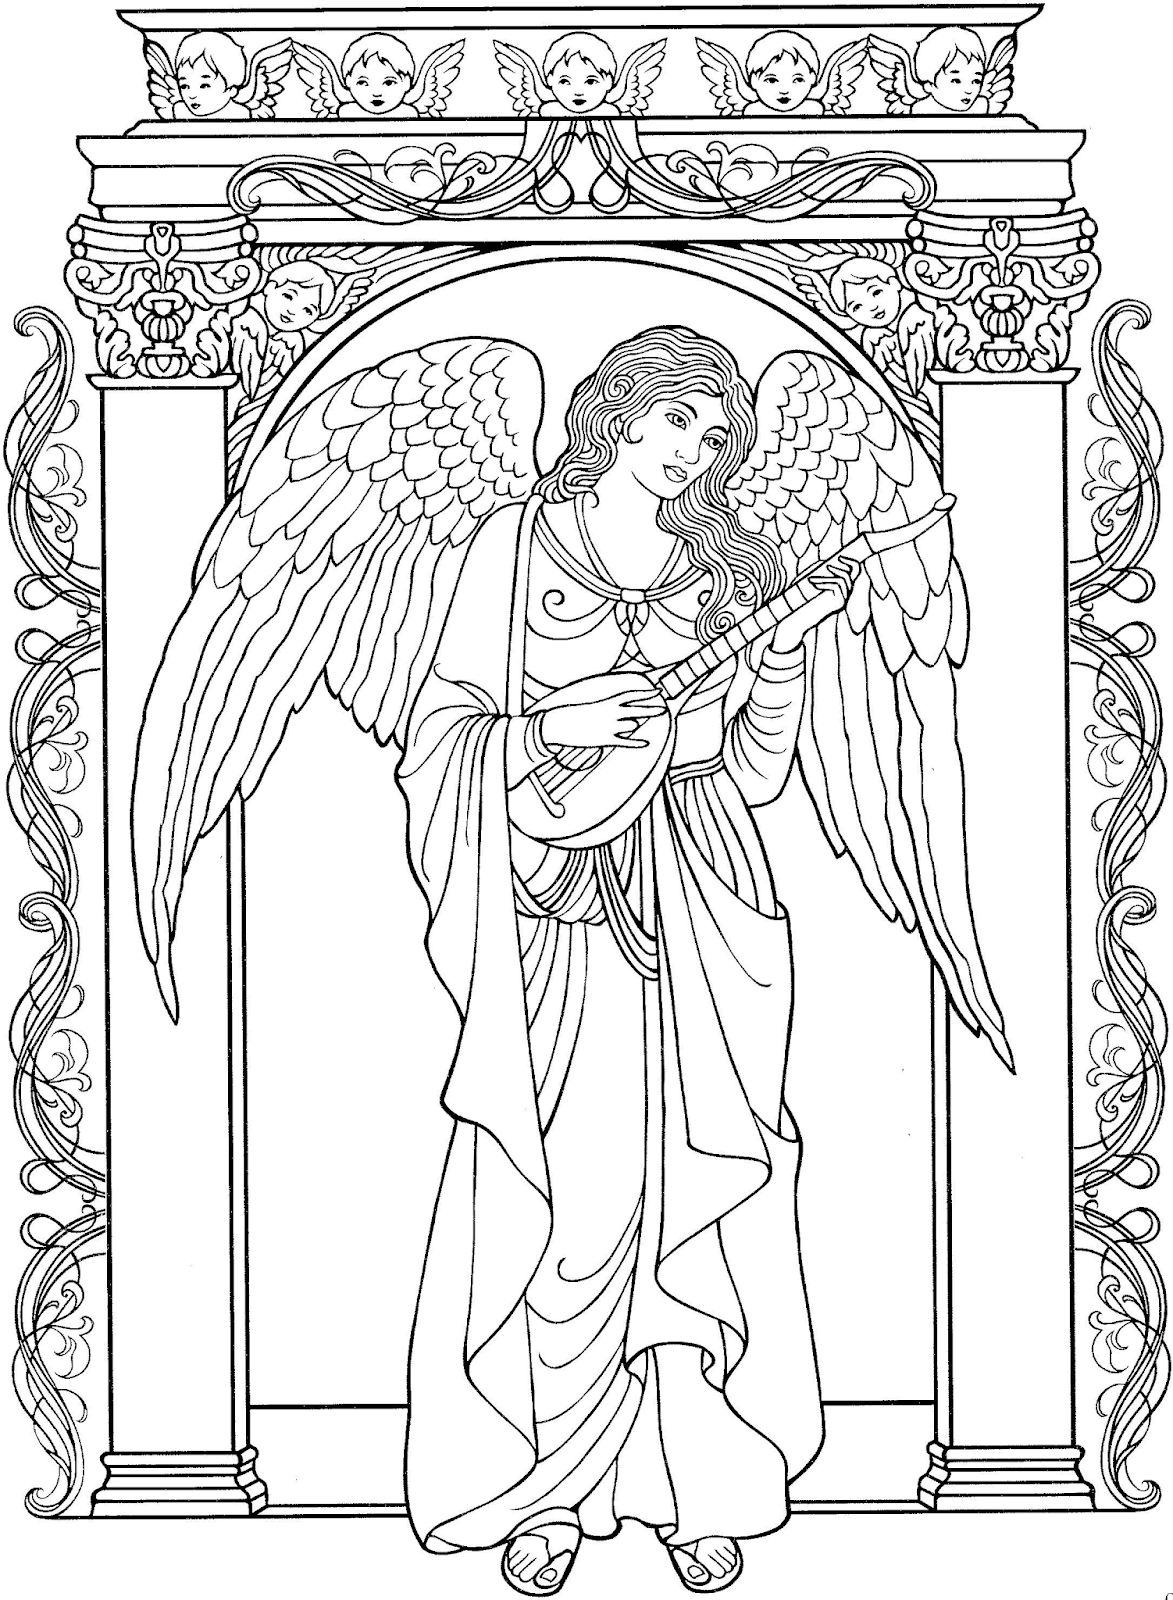 Engel Malen Schritt Für Schritt